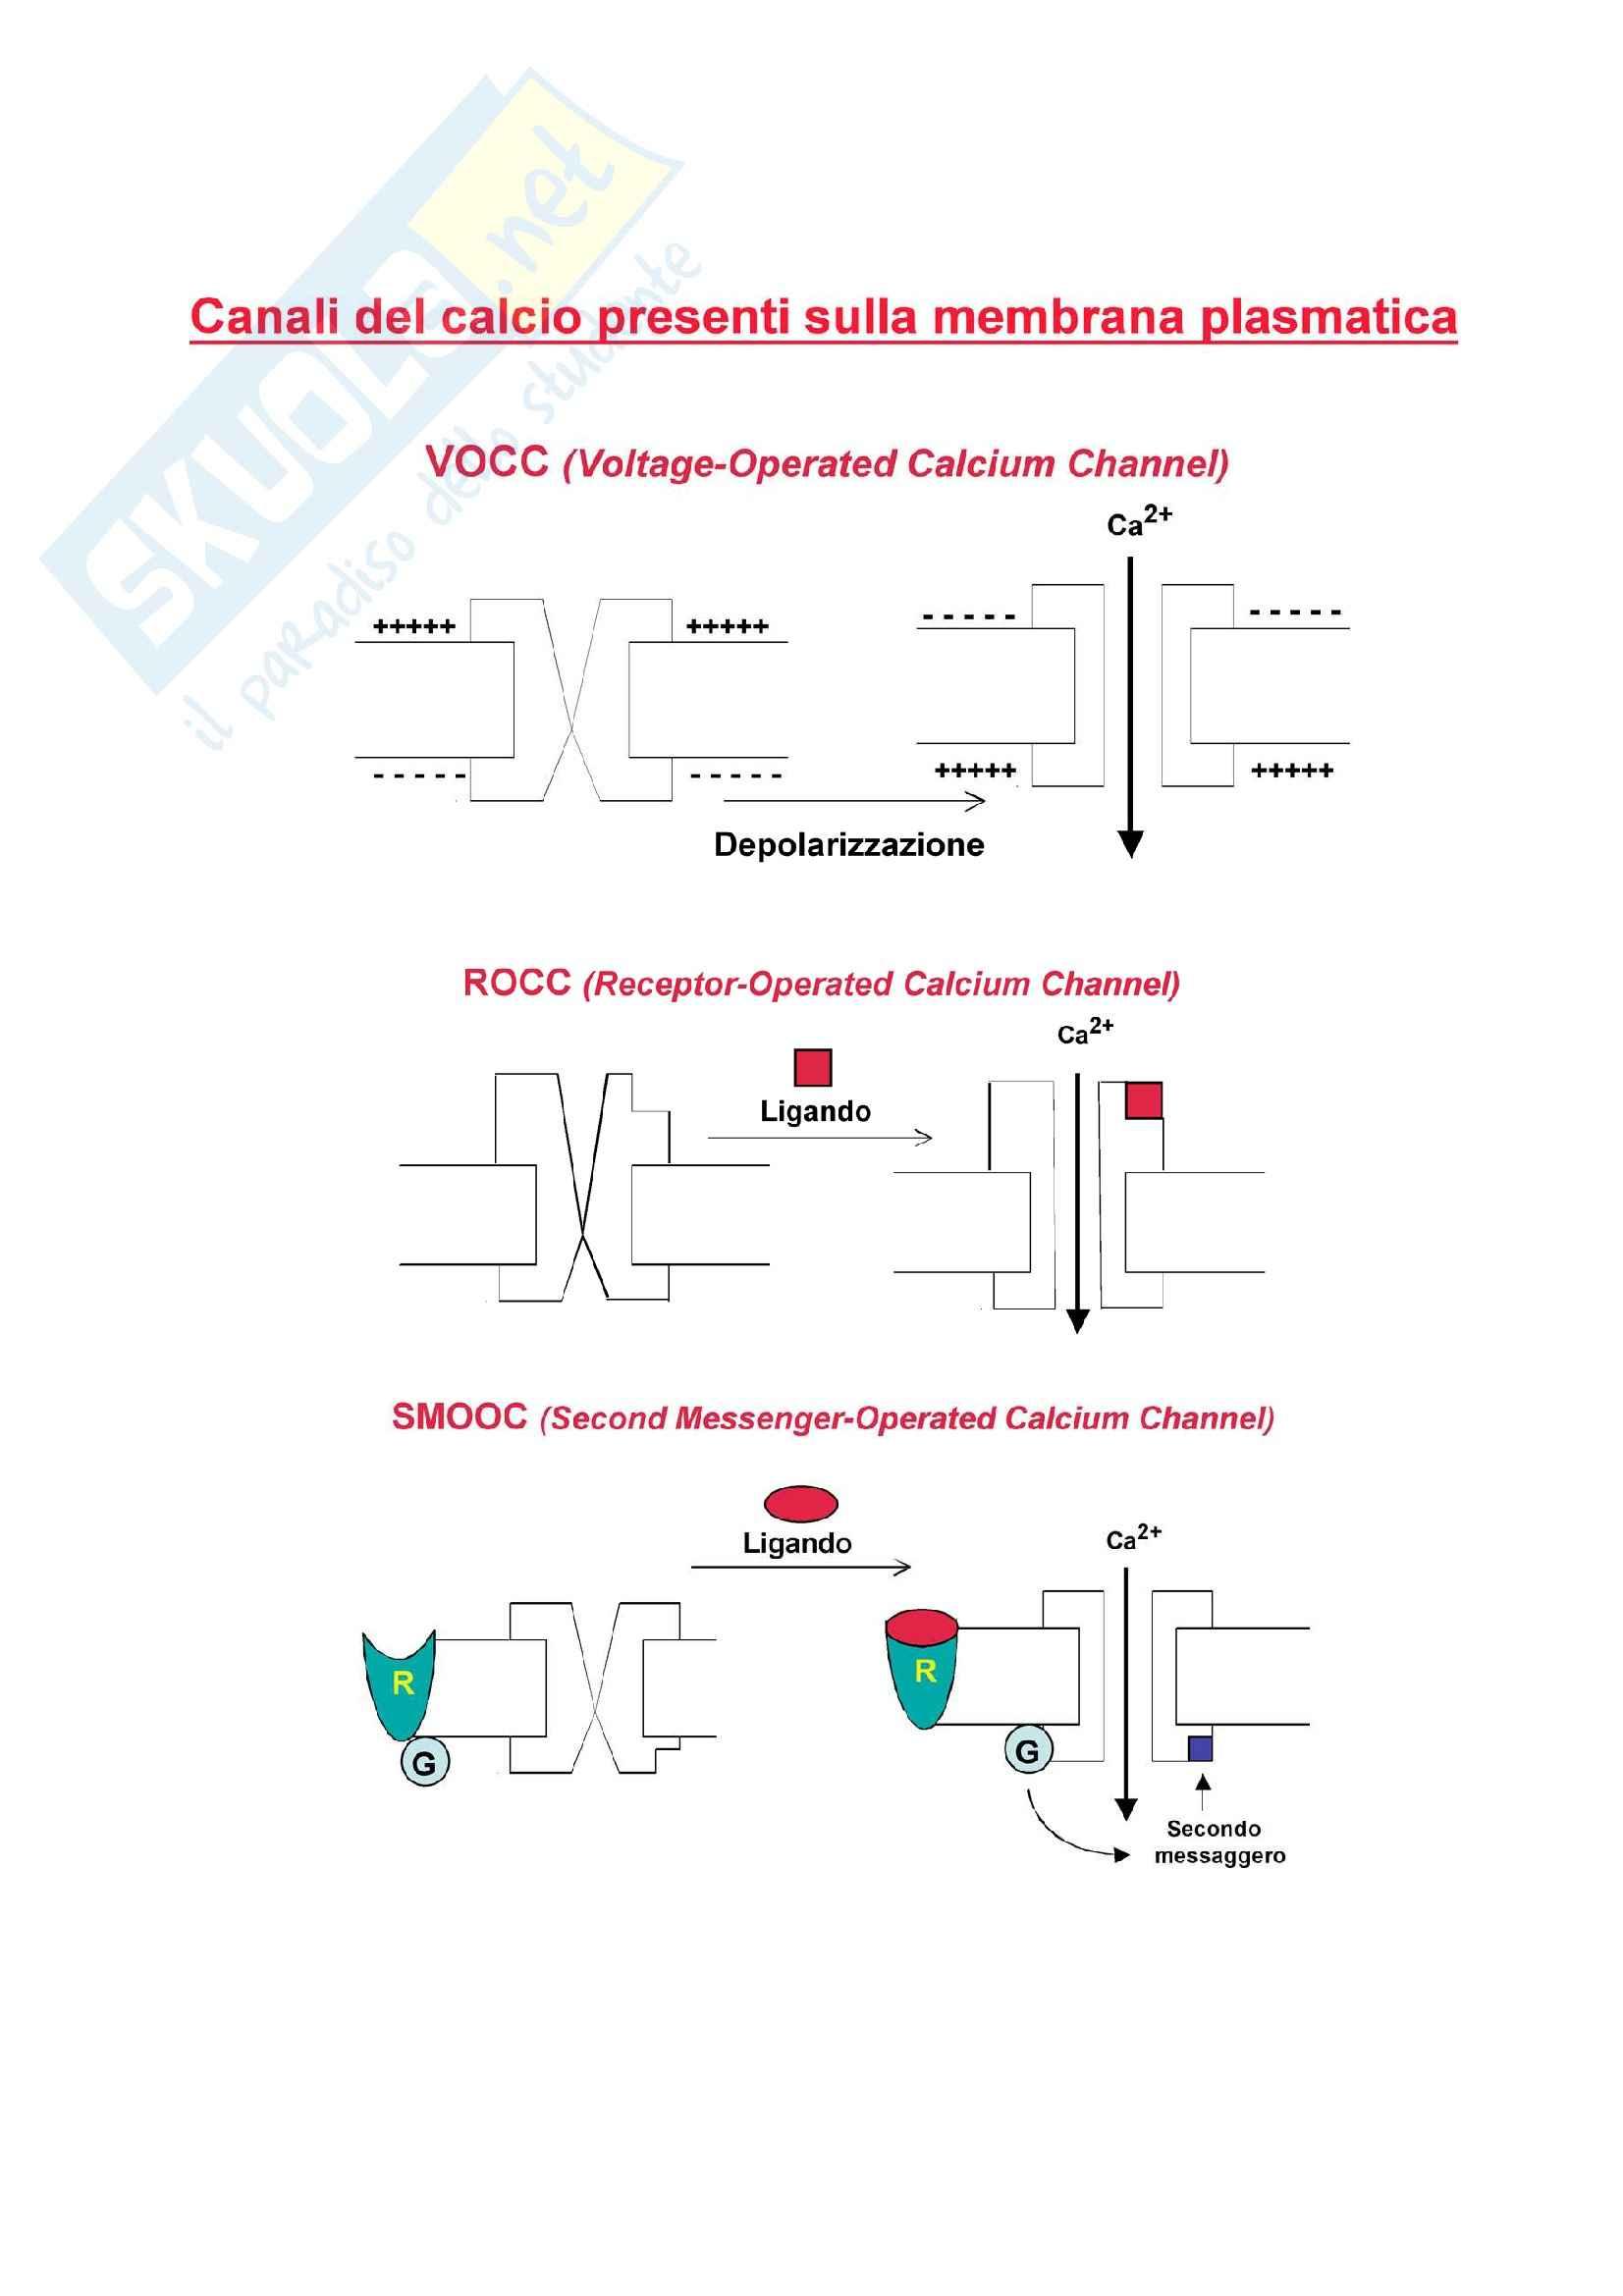 Canali del calcio - VOC, ROC, SMOC